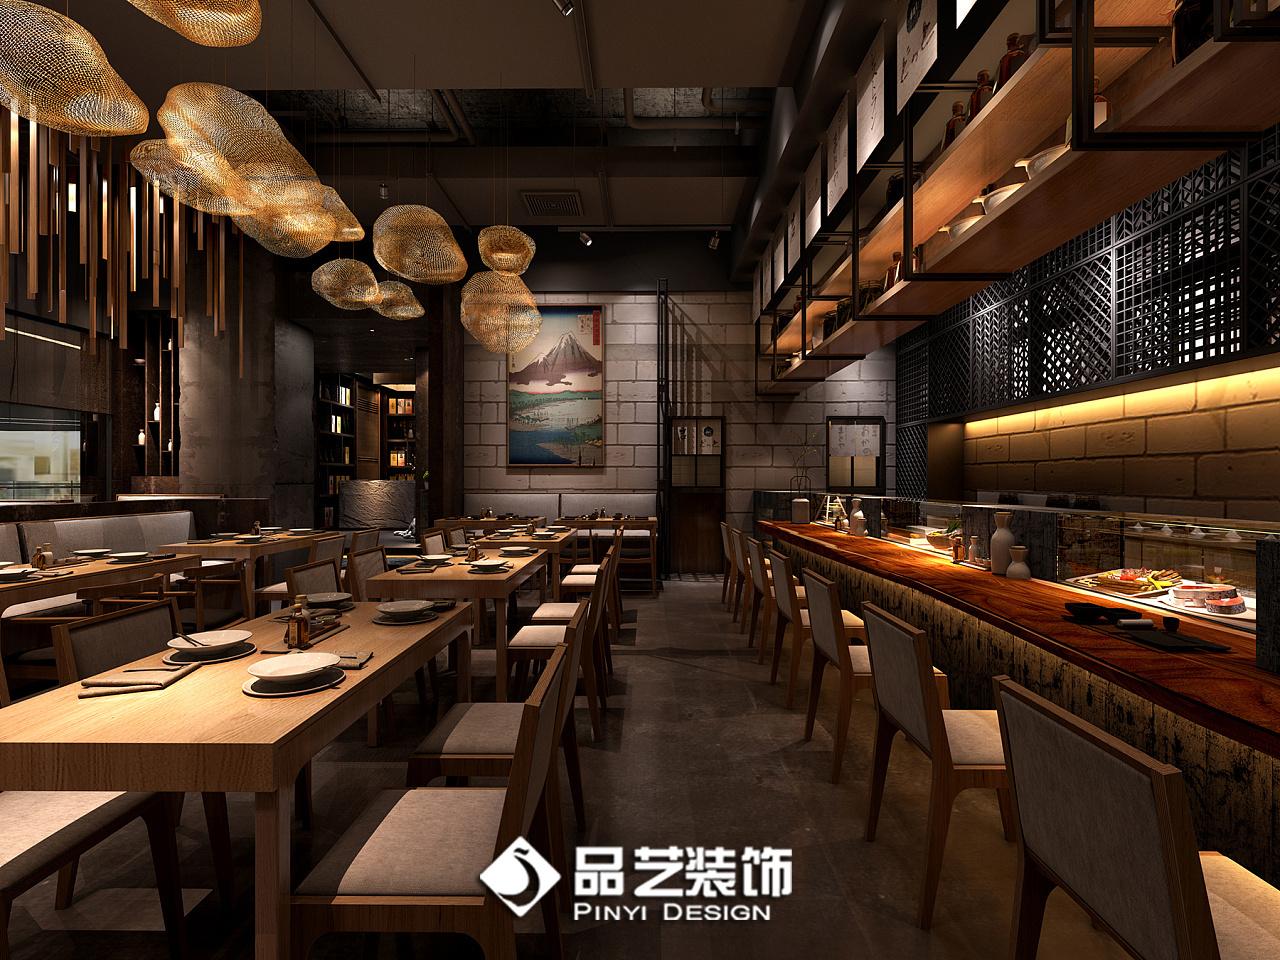 日式餐厅料理主题餐厅装修设计效果图